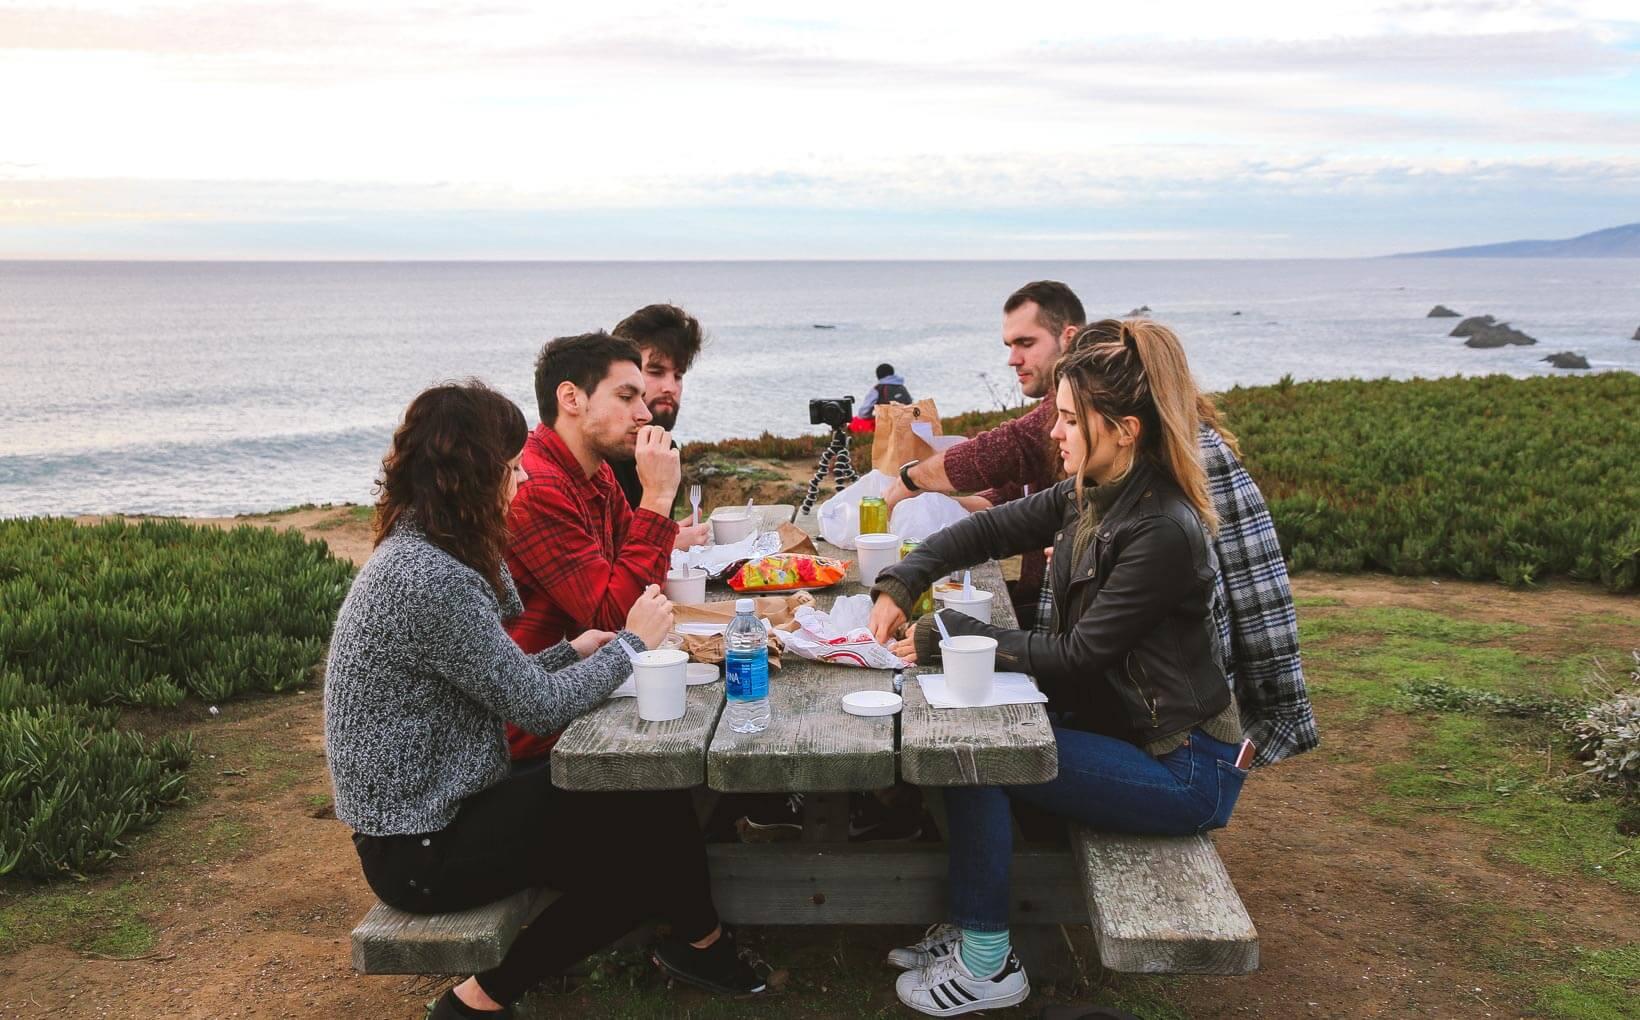 """Пікнік на узбережжі моря. Експеримент """"Американська мрія"""": яке воно, життя в Америці?"""